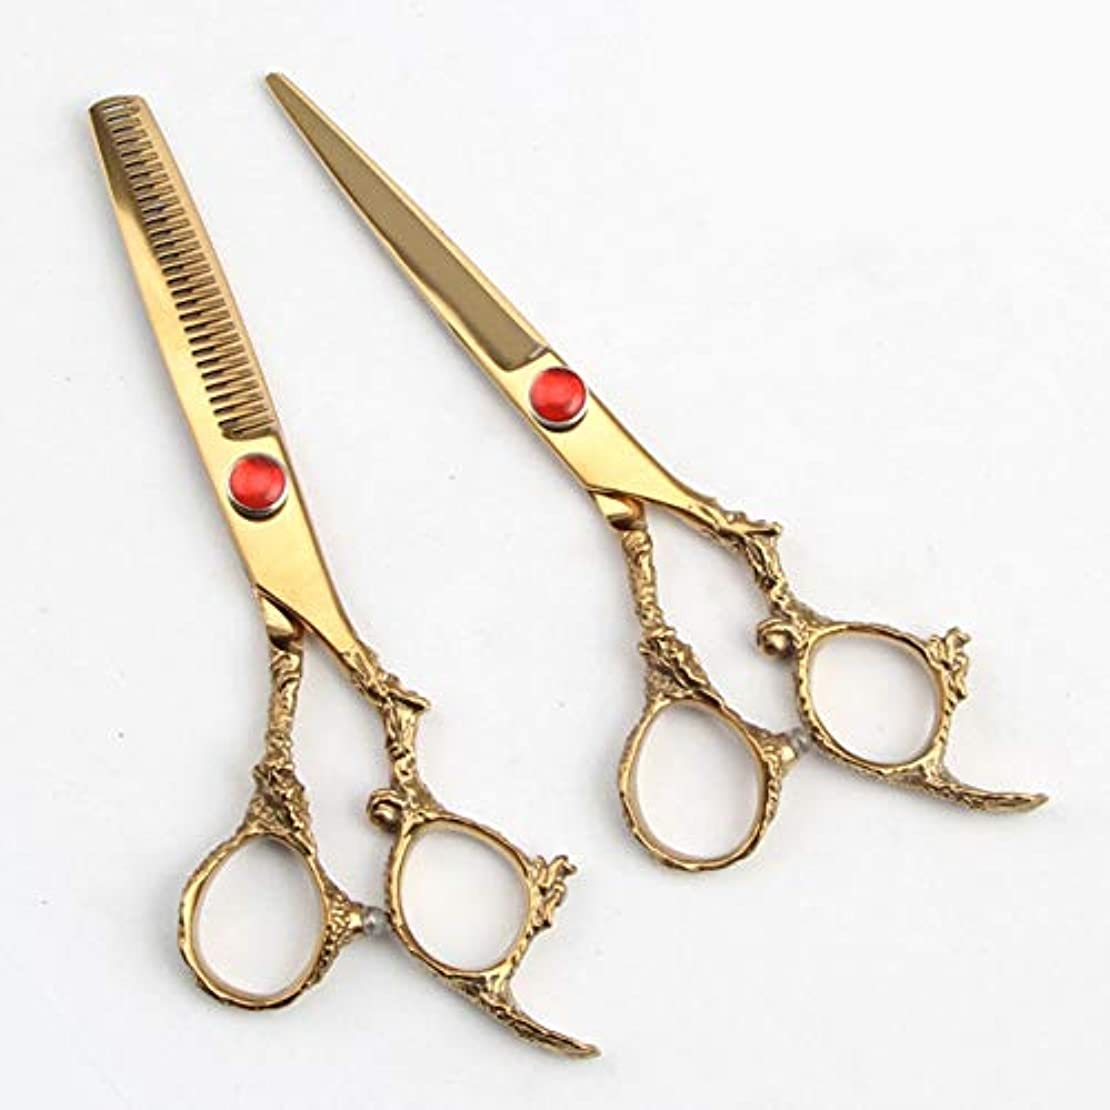 おとなしいコール衰えるJiaoran 理髪師ゴールデンプロのヘアカットセット、家庭用はさみセット (Color : Gold)